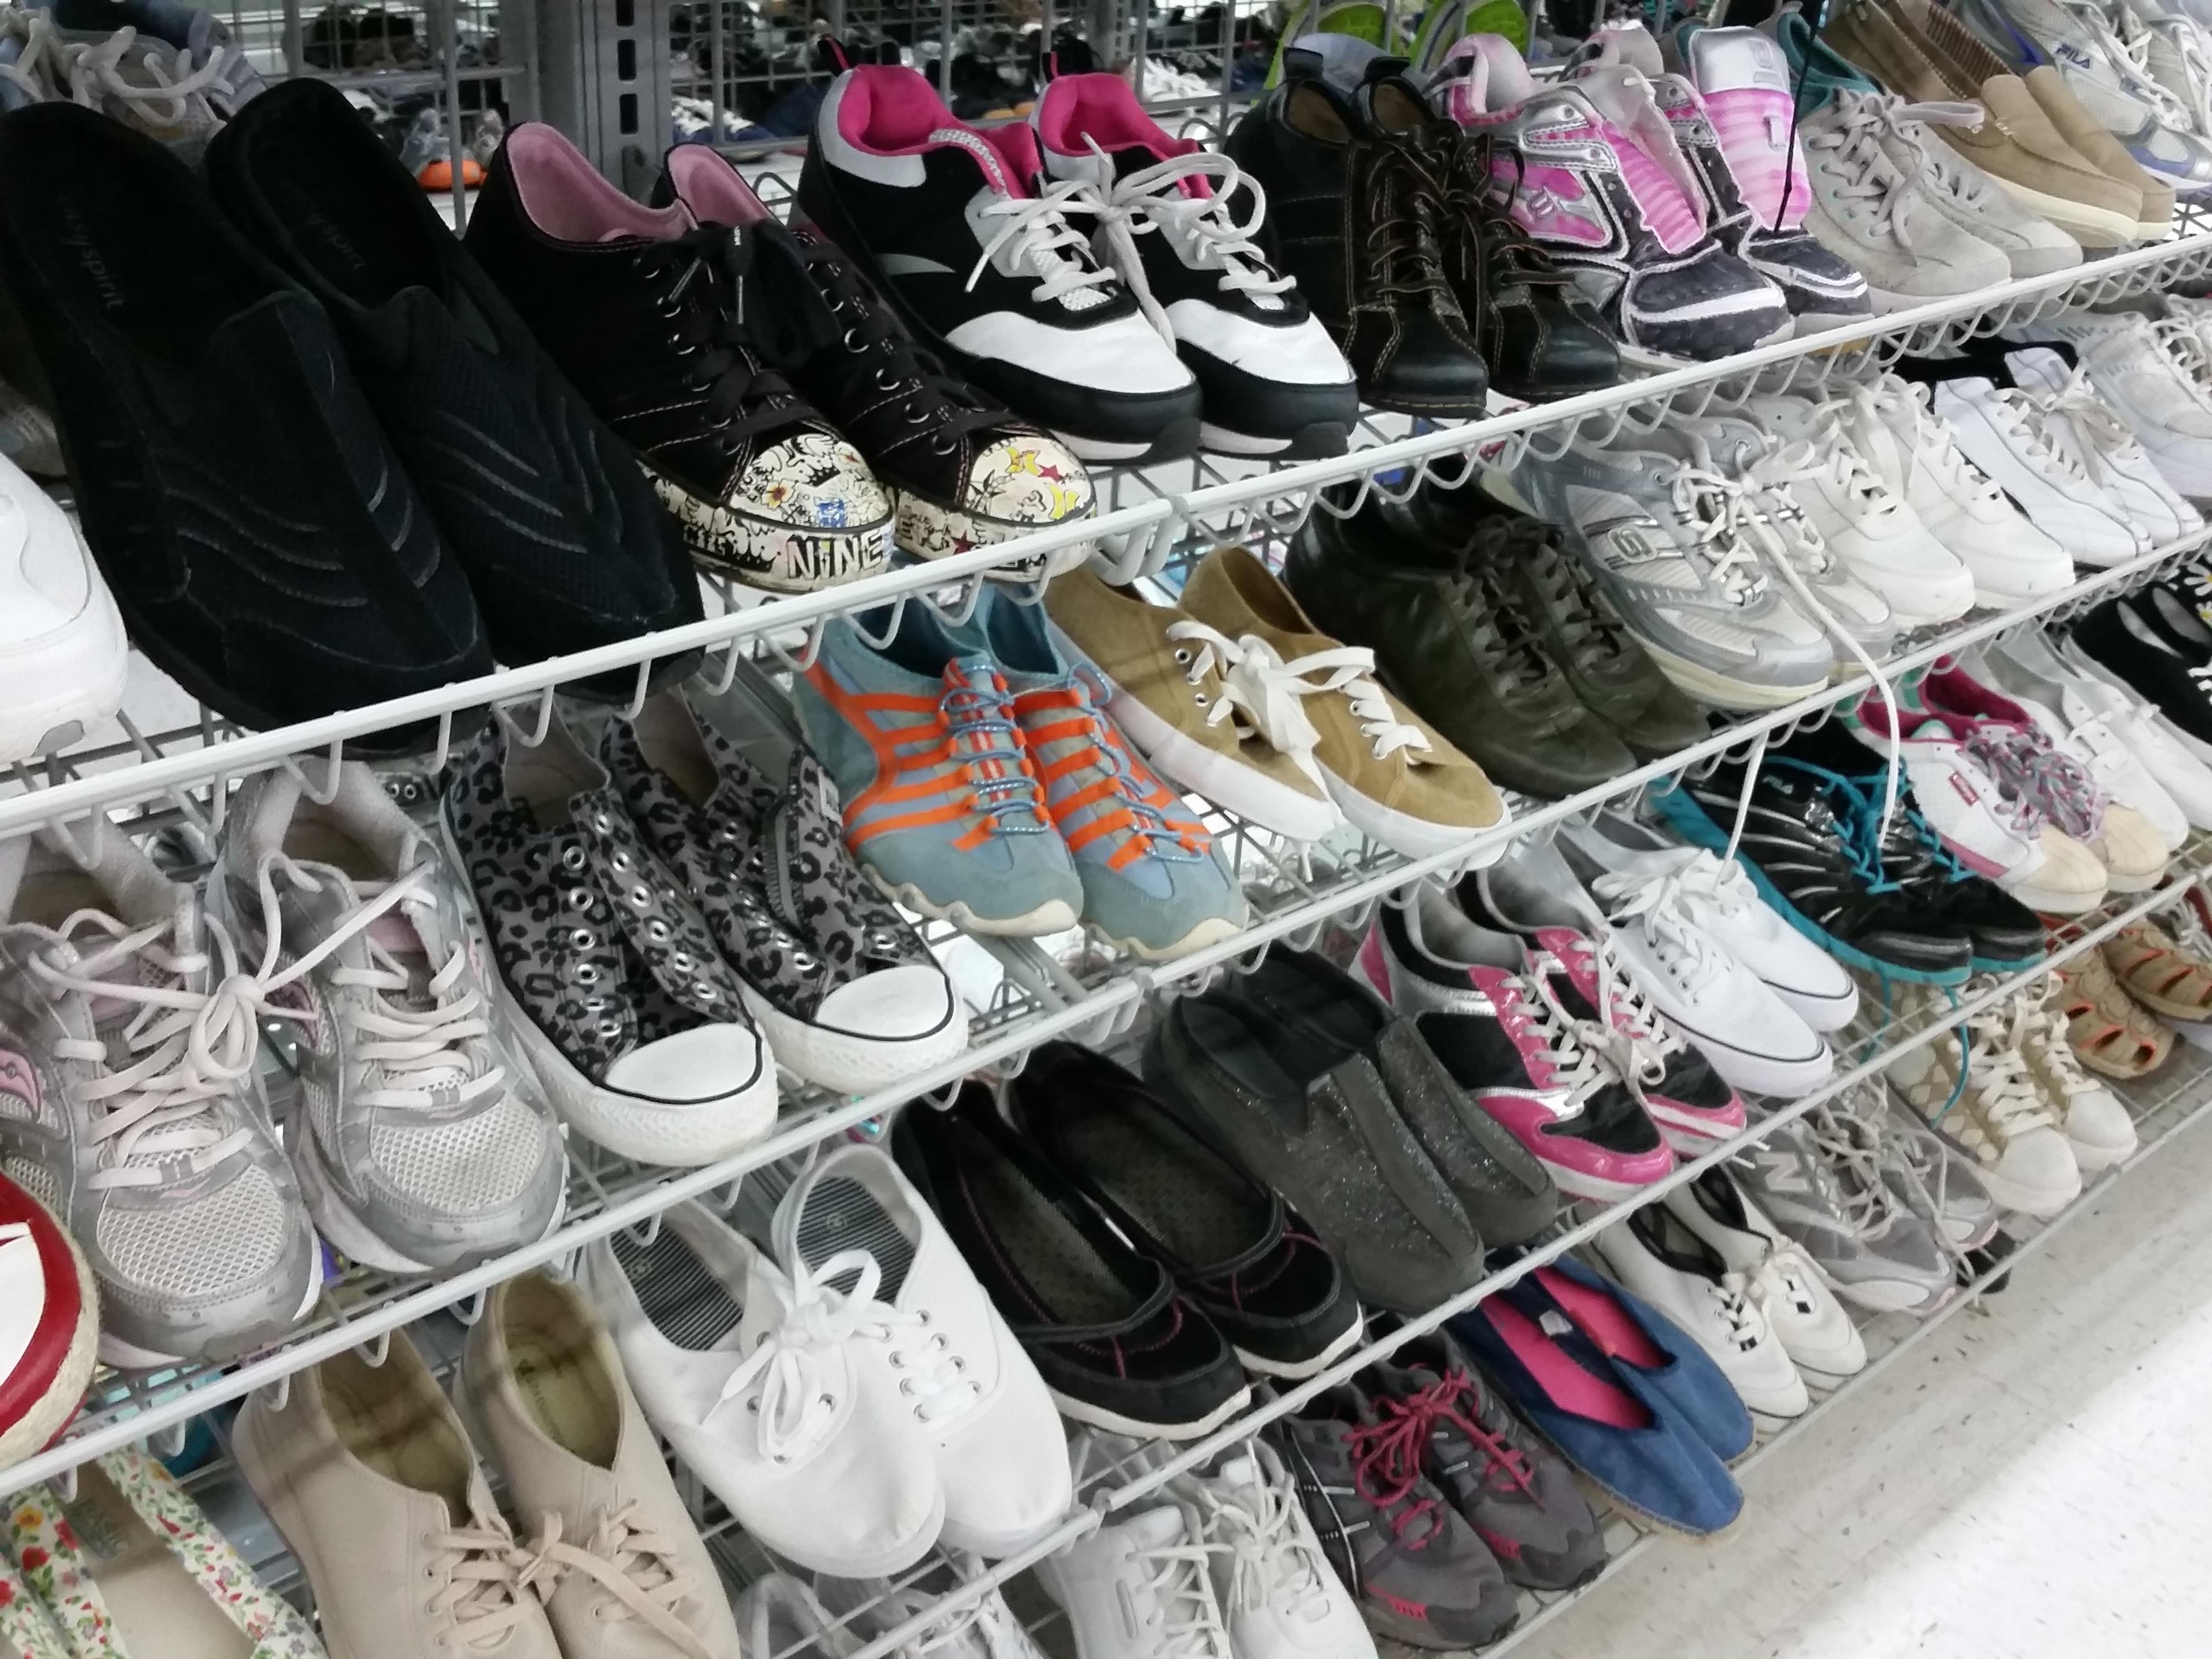 aae384f35e2c Fotos gratis : zapato, ciudad, tienda, almacenar, Moda, mercado ...